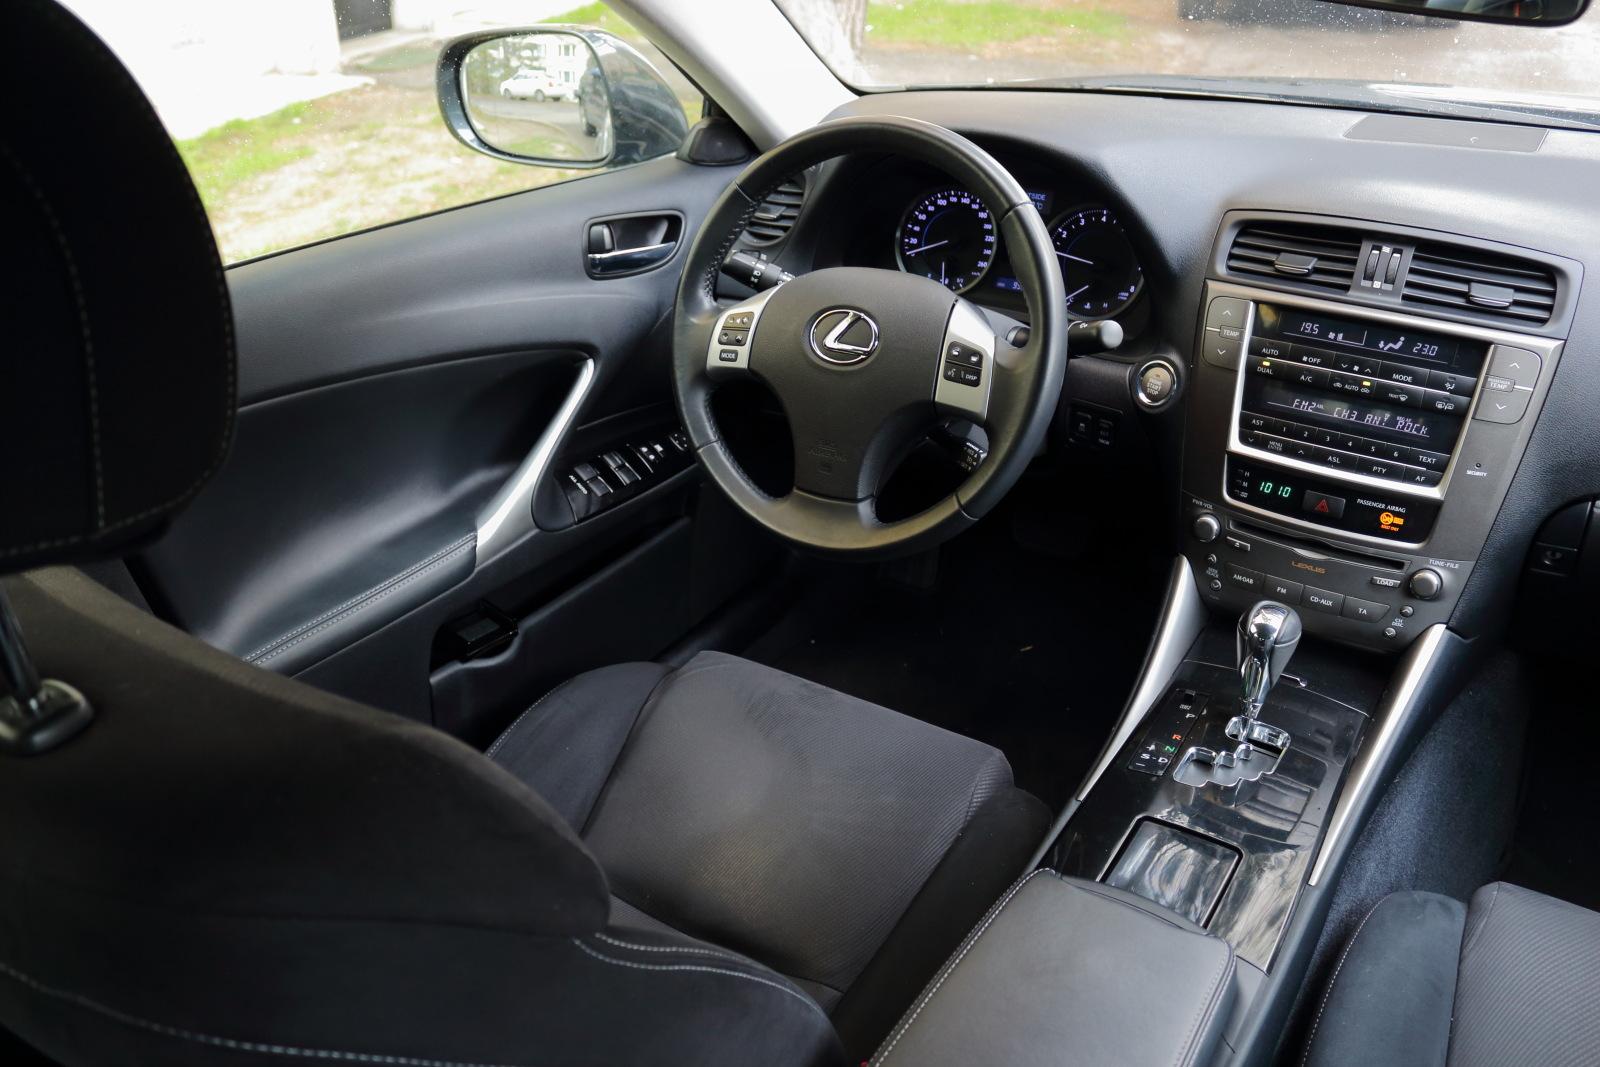 Test jazdenky Lexus IS (2005 - 2013)